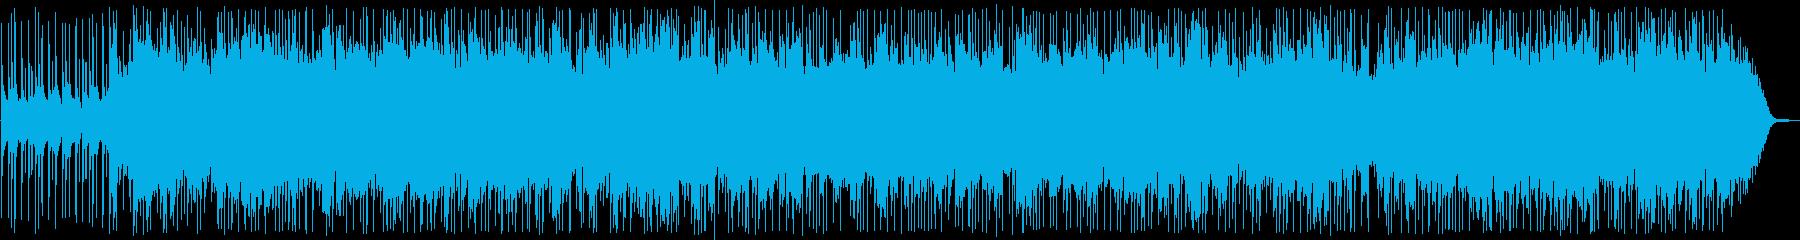 赤田首里殿内(あかたすんどぅんち)の再生済みの波形